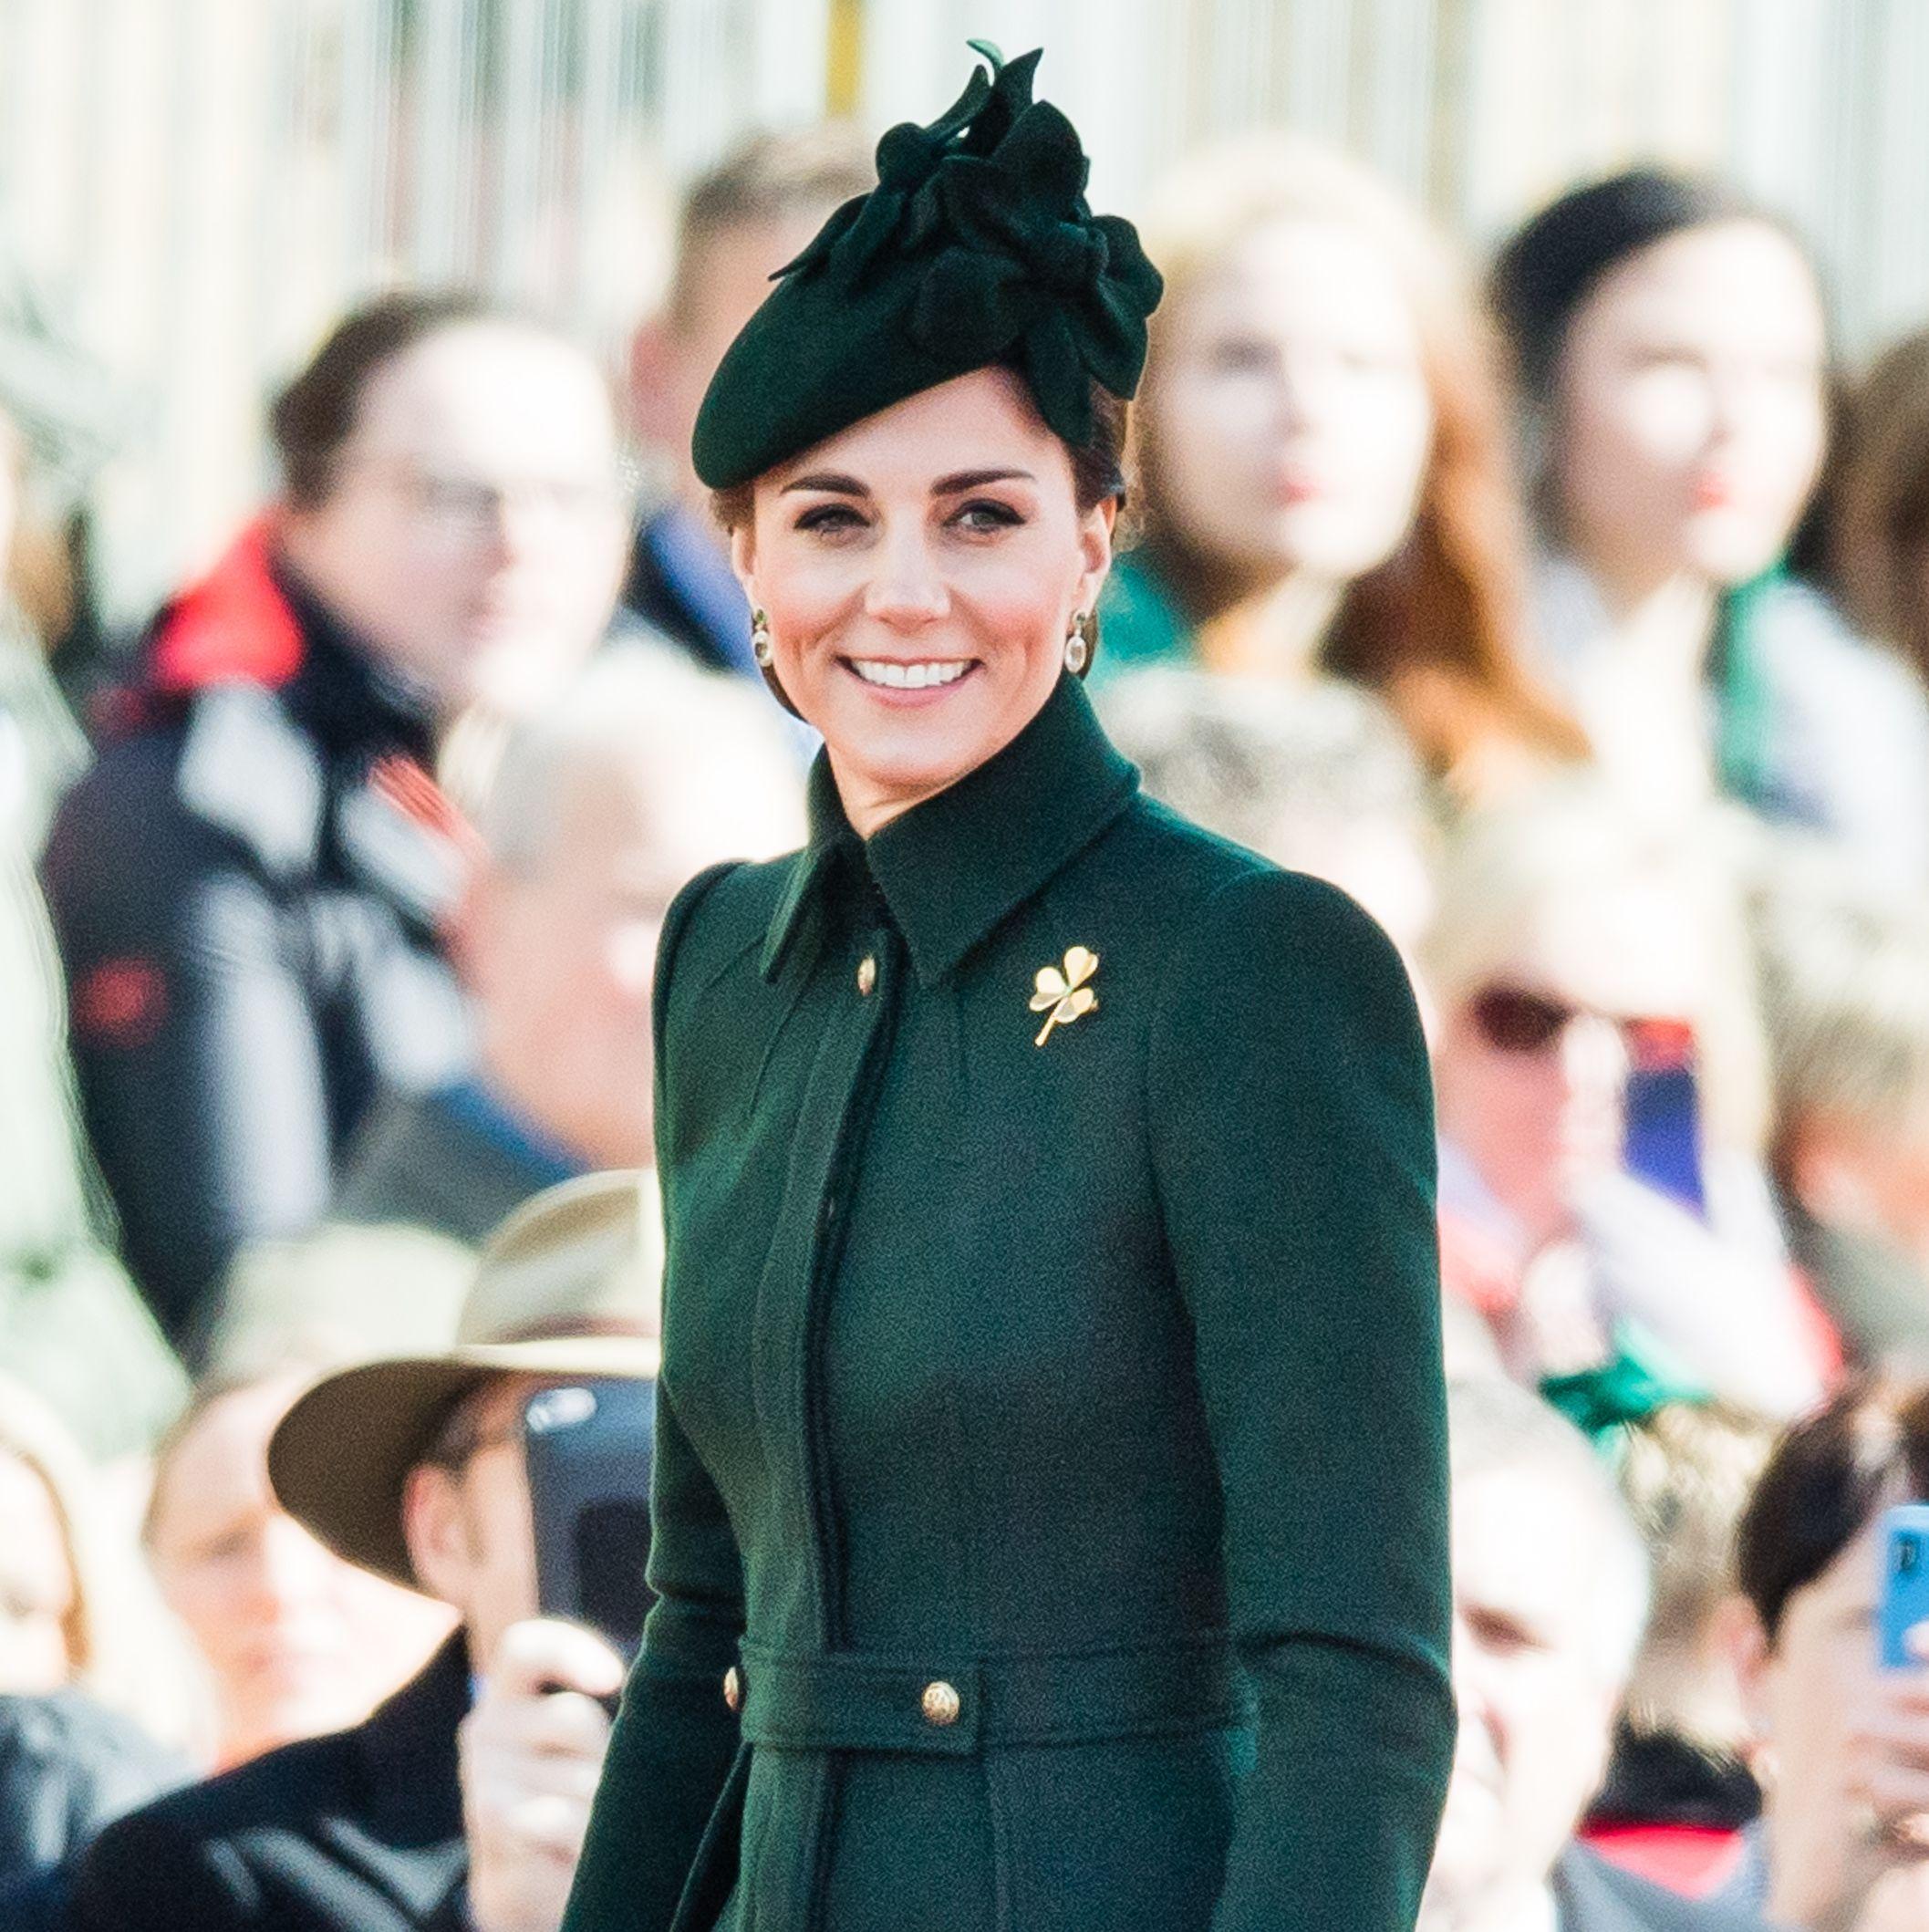 Kate Middleton Wears Custom Alexander McQueen for St. Patrick's Day